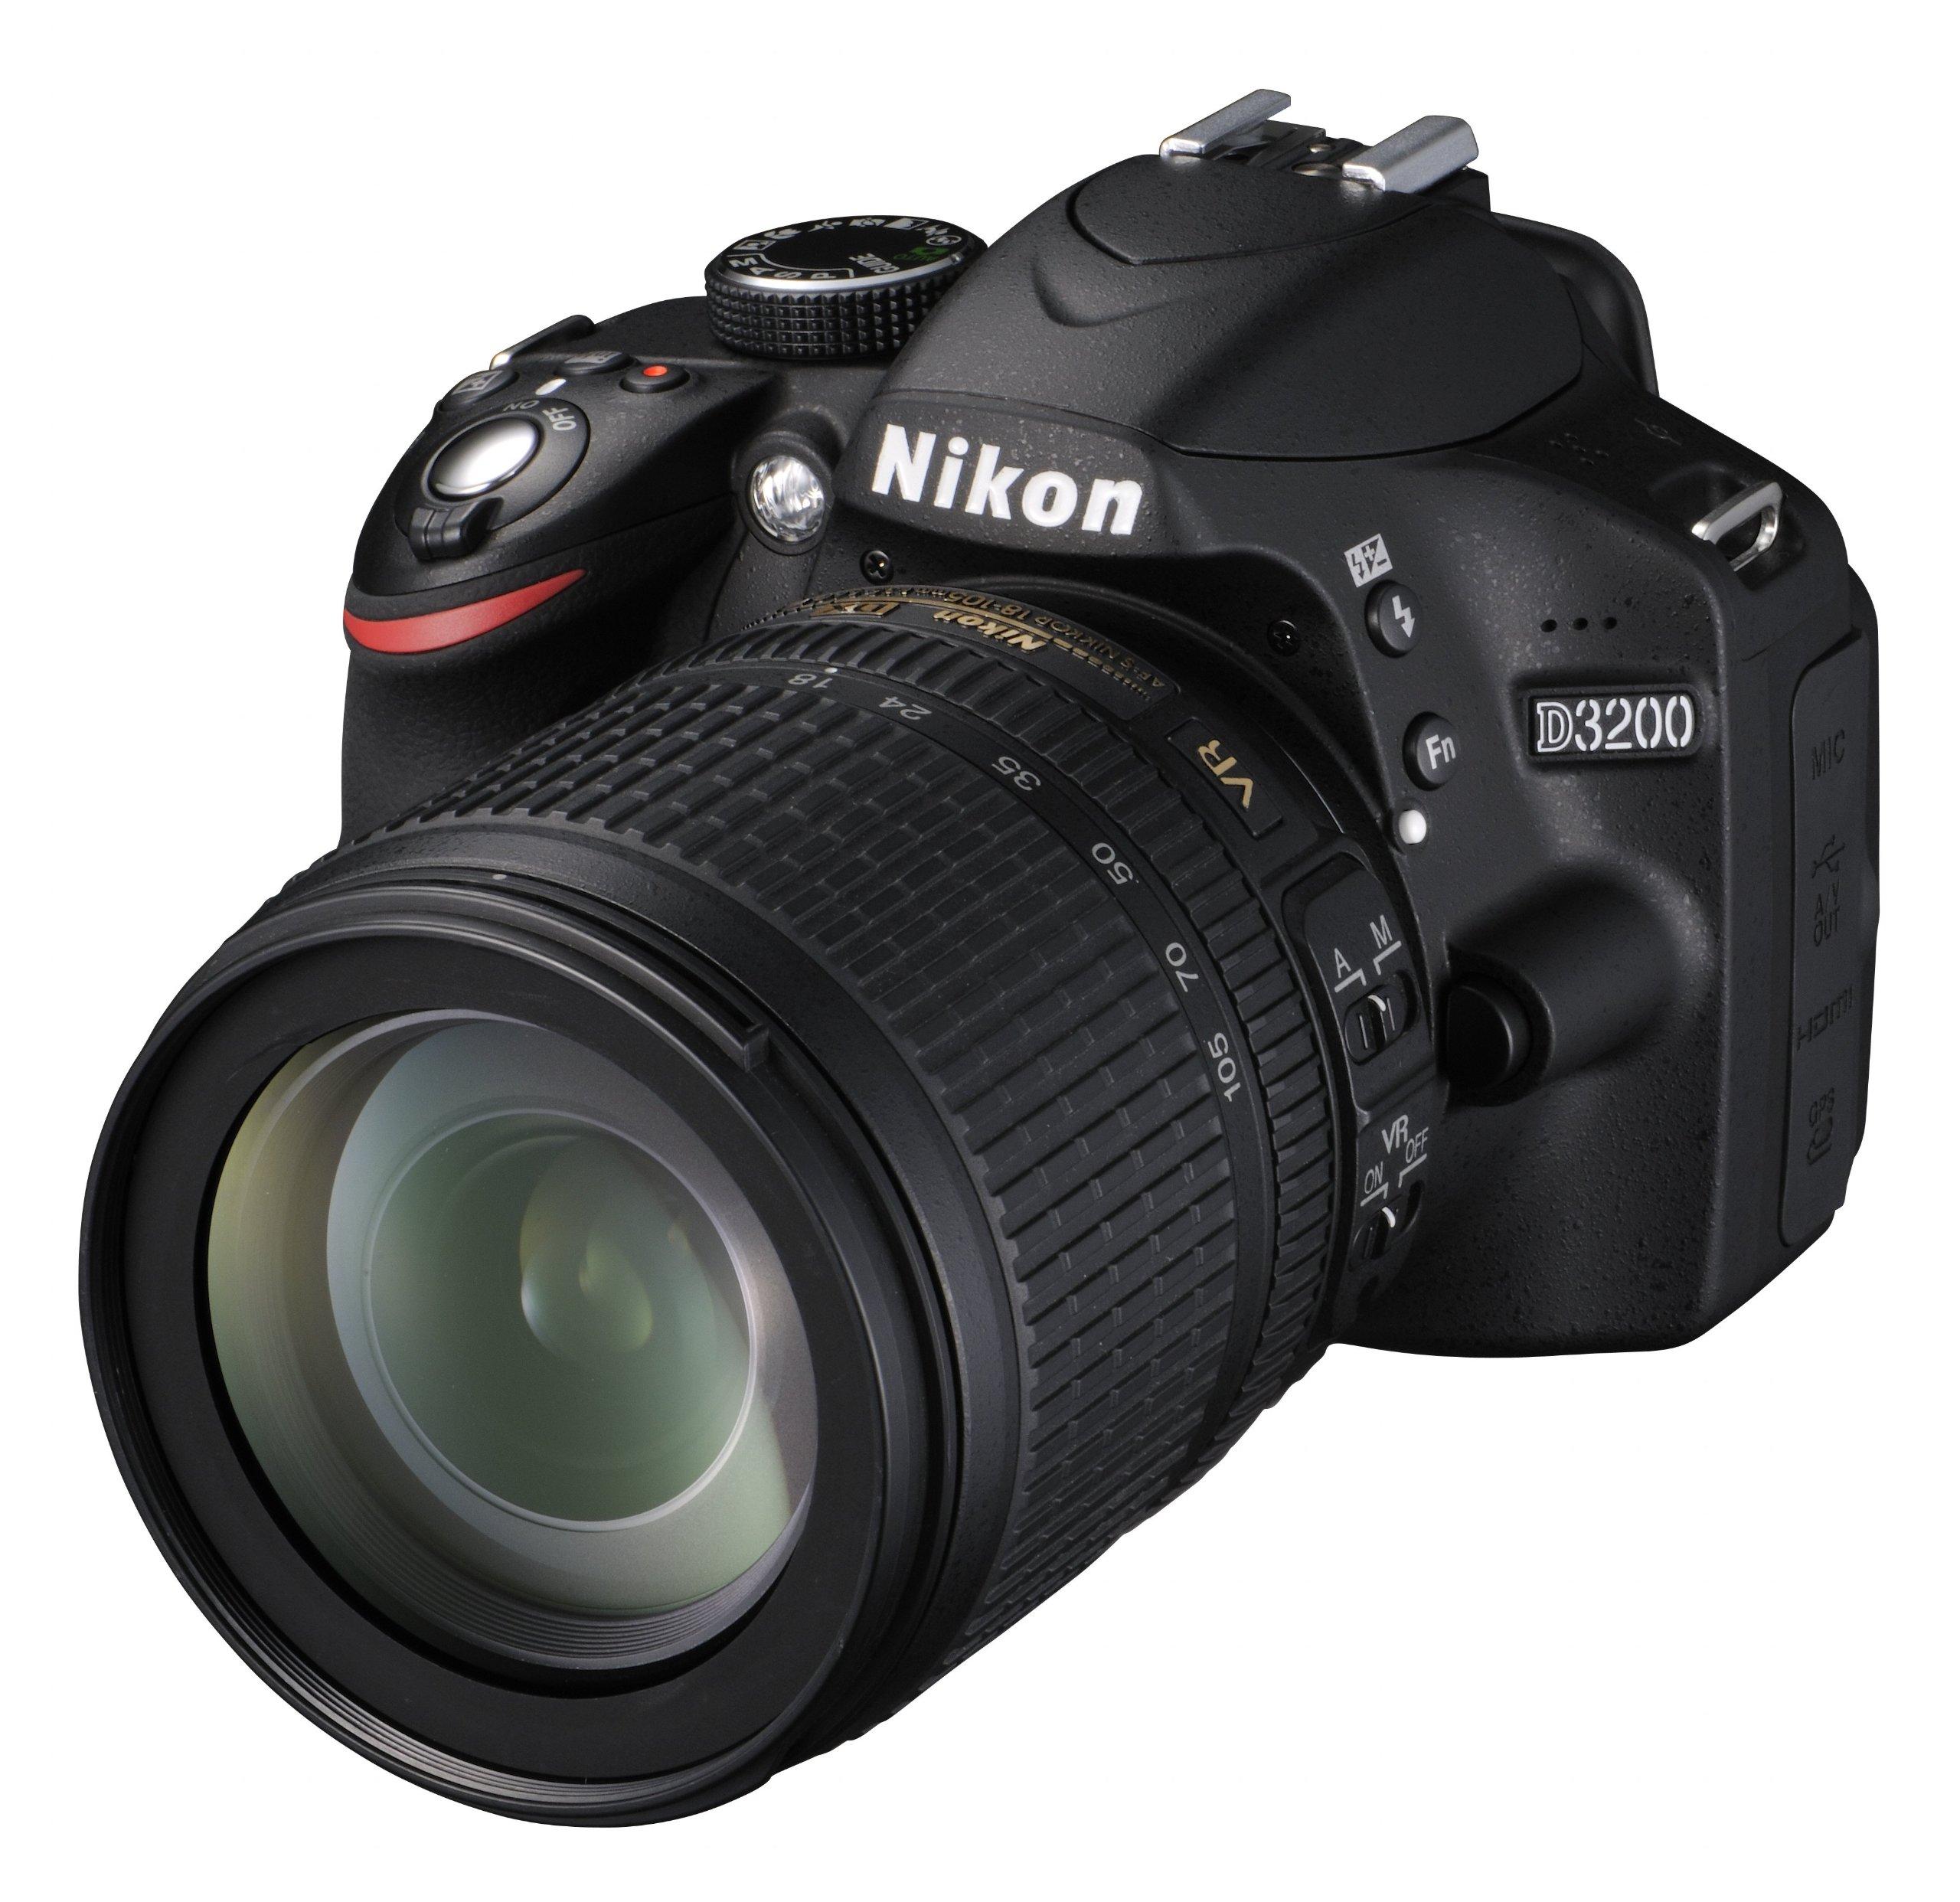 Nikon D3200 +18-105VR , Fotocamera Reflex, Colore Nero, Obiettivo incluso [Versione EU] product image